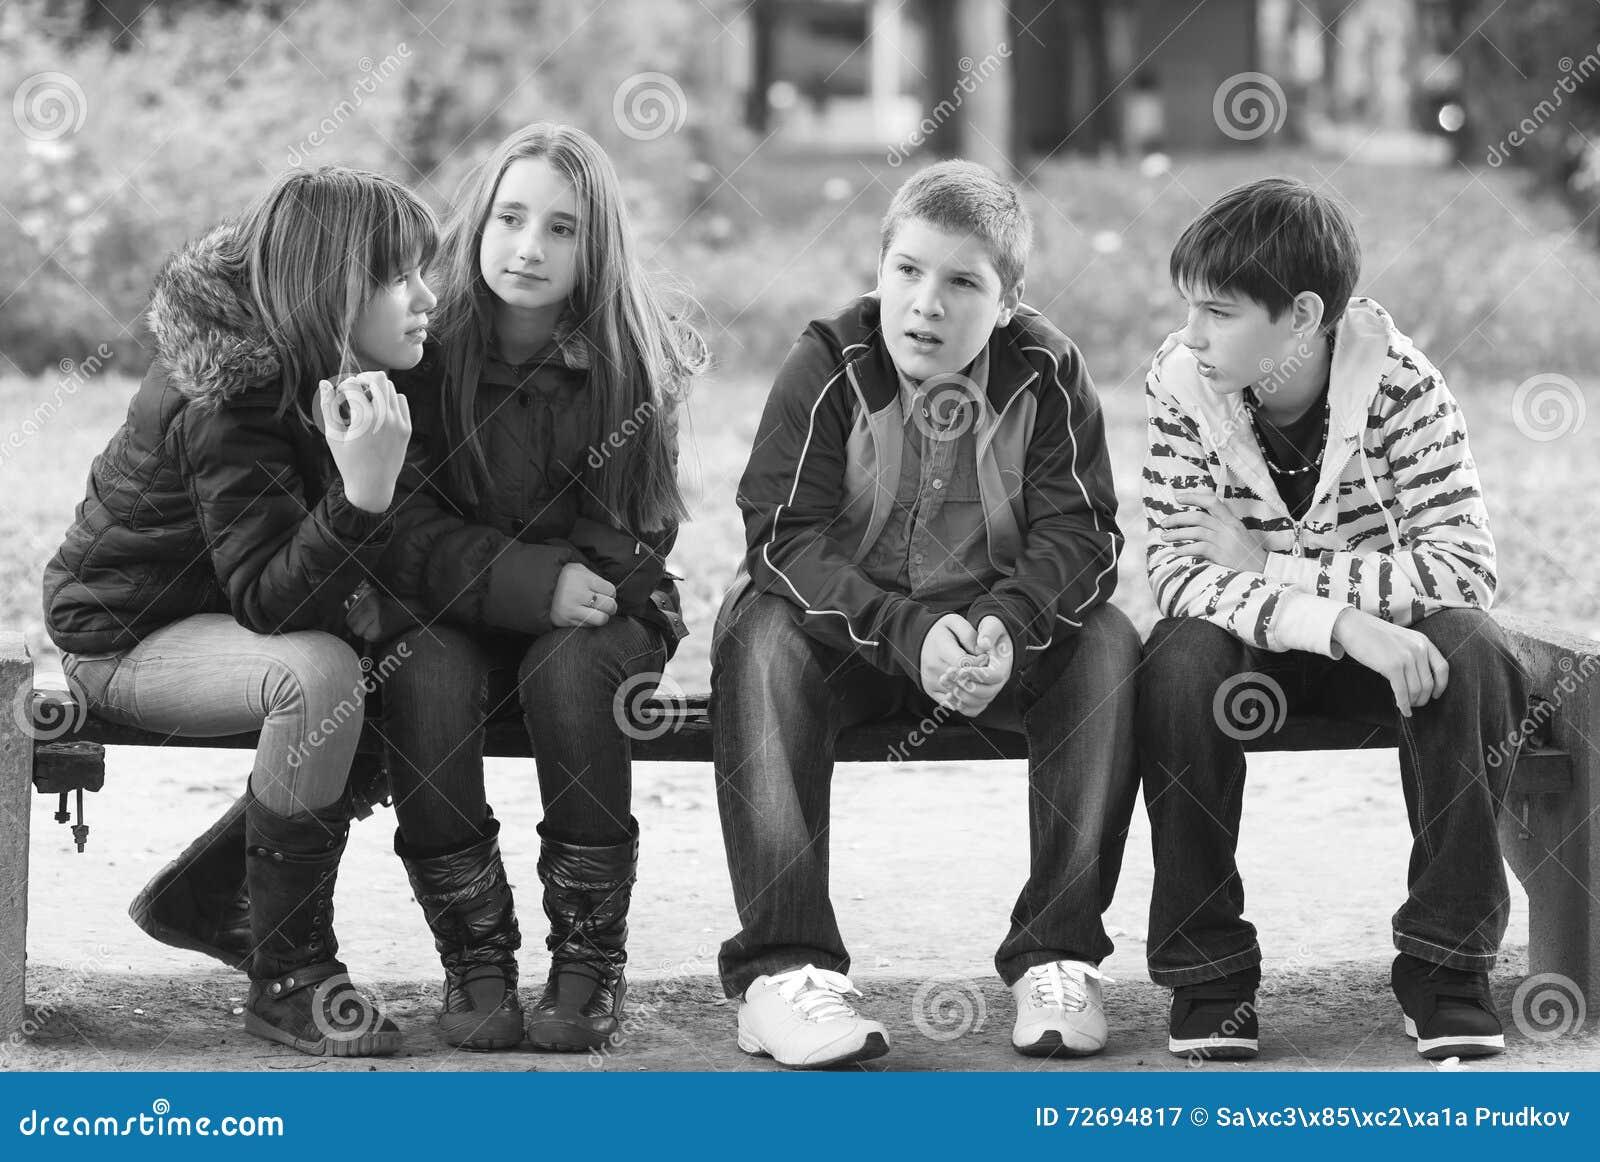 十几岁的男孩和女孩获得乐趣在秋天公园